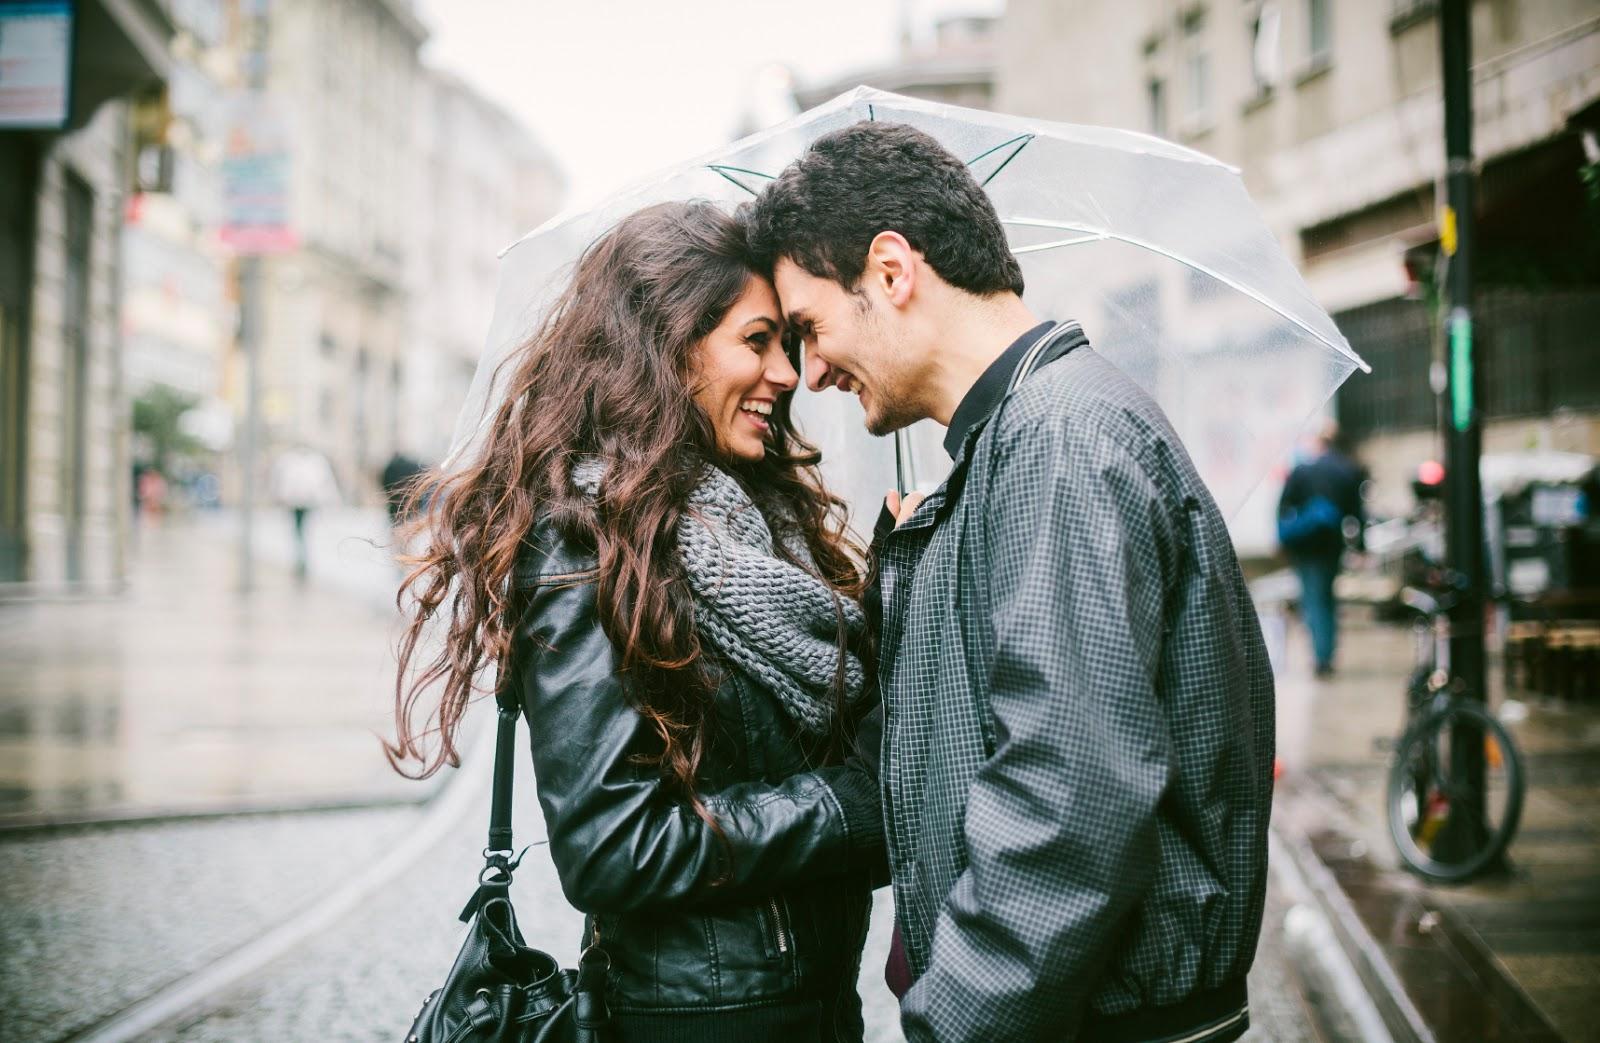 magic dating photos